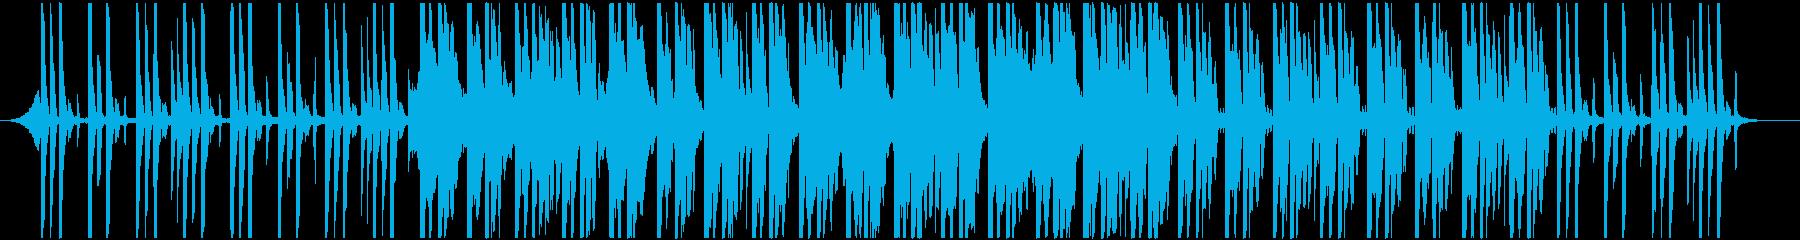 happy's reproduced waveform